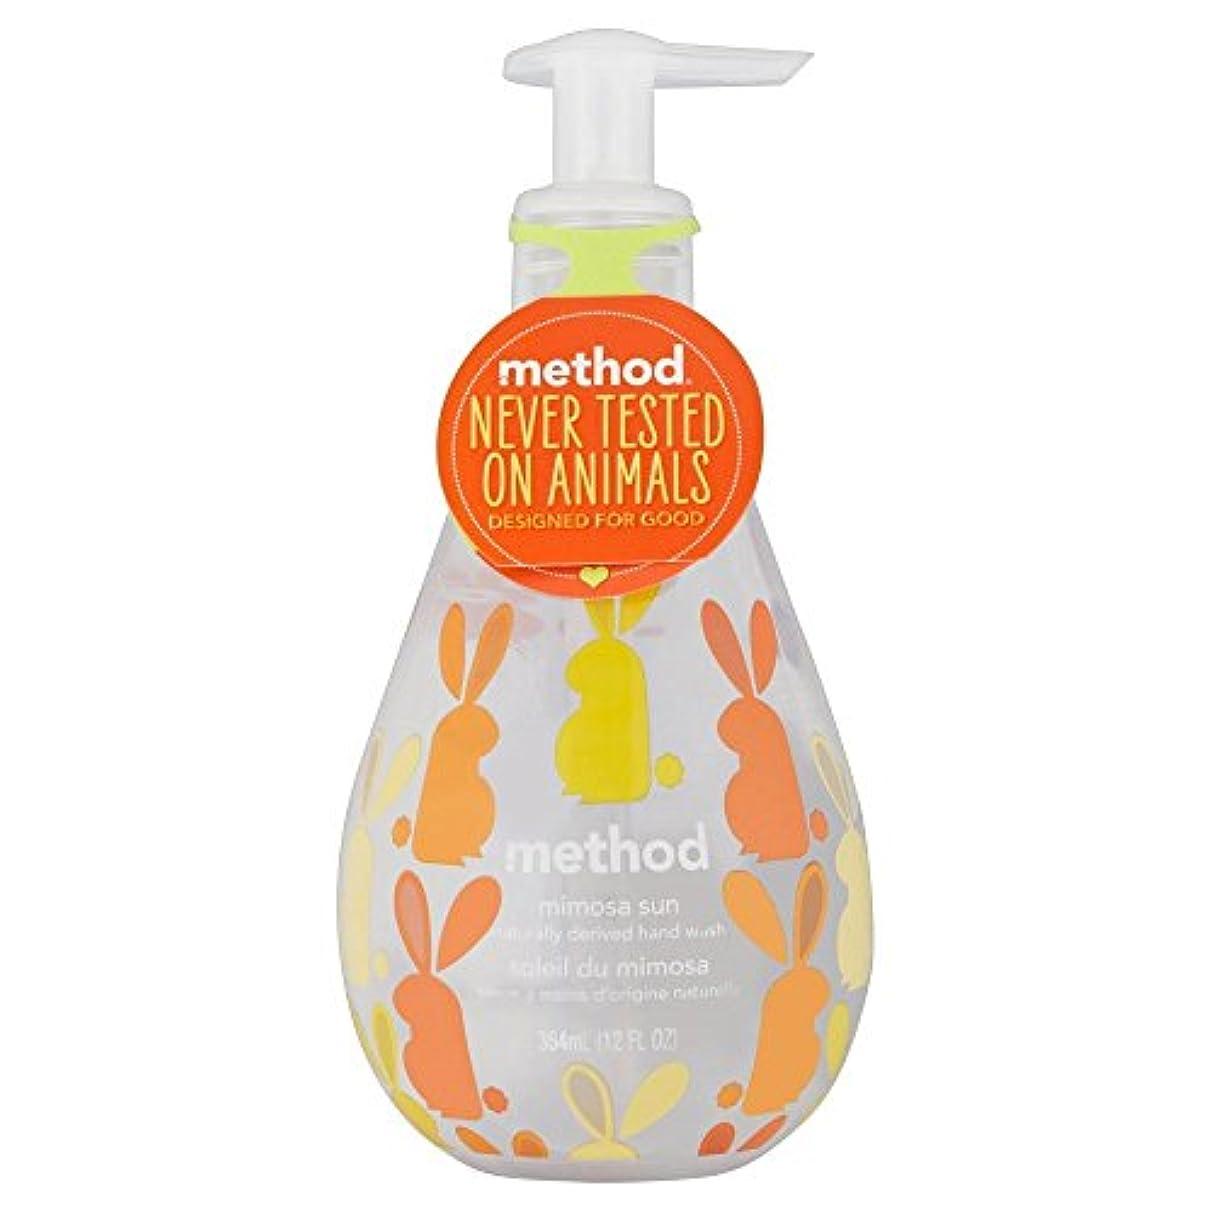 くるみ制限する管理しますMethod Hand Wash - Mimosa Sun (354ml) メソッドハンドウォッシュ - ミモザ日( 354ミリリットル) [並行輸入品]